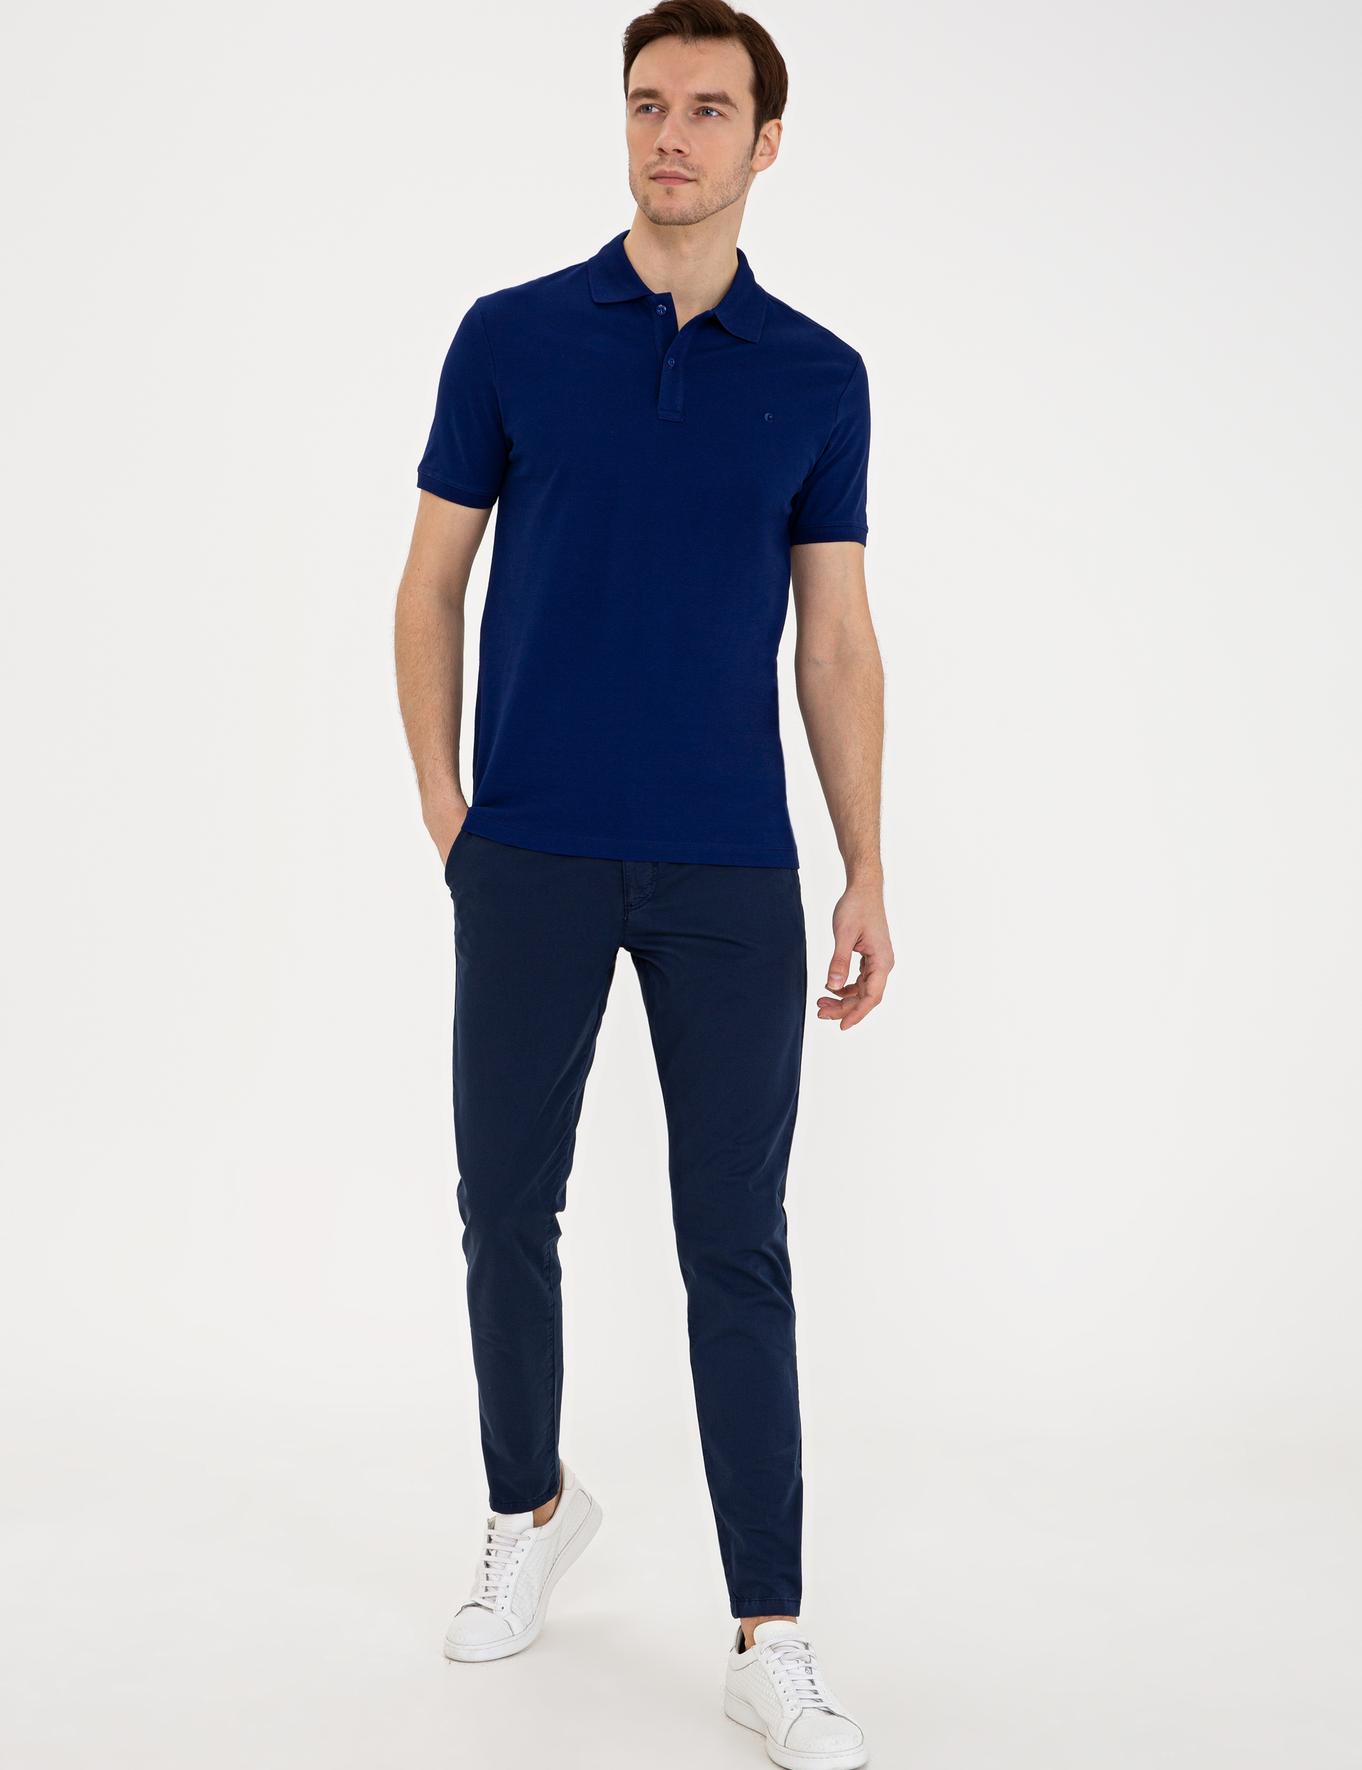 Polo Yaka T-Shirt - 50239479019